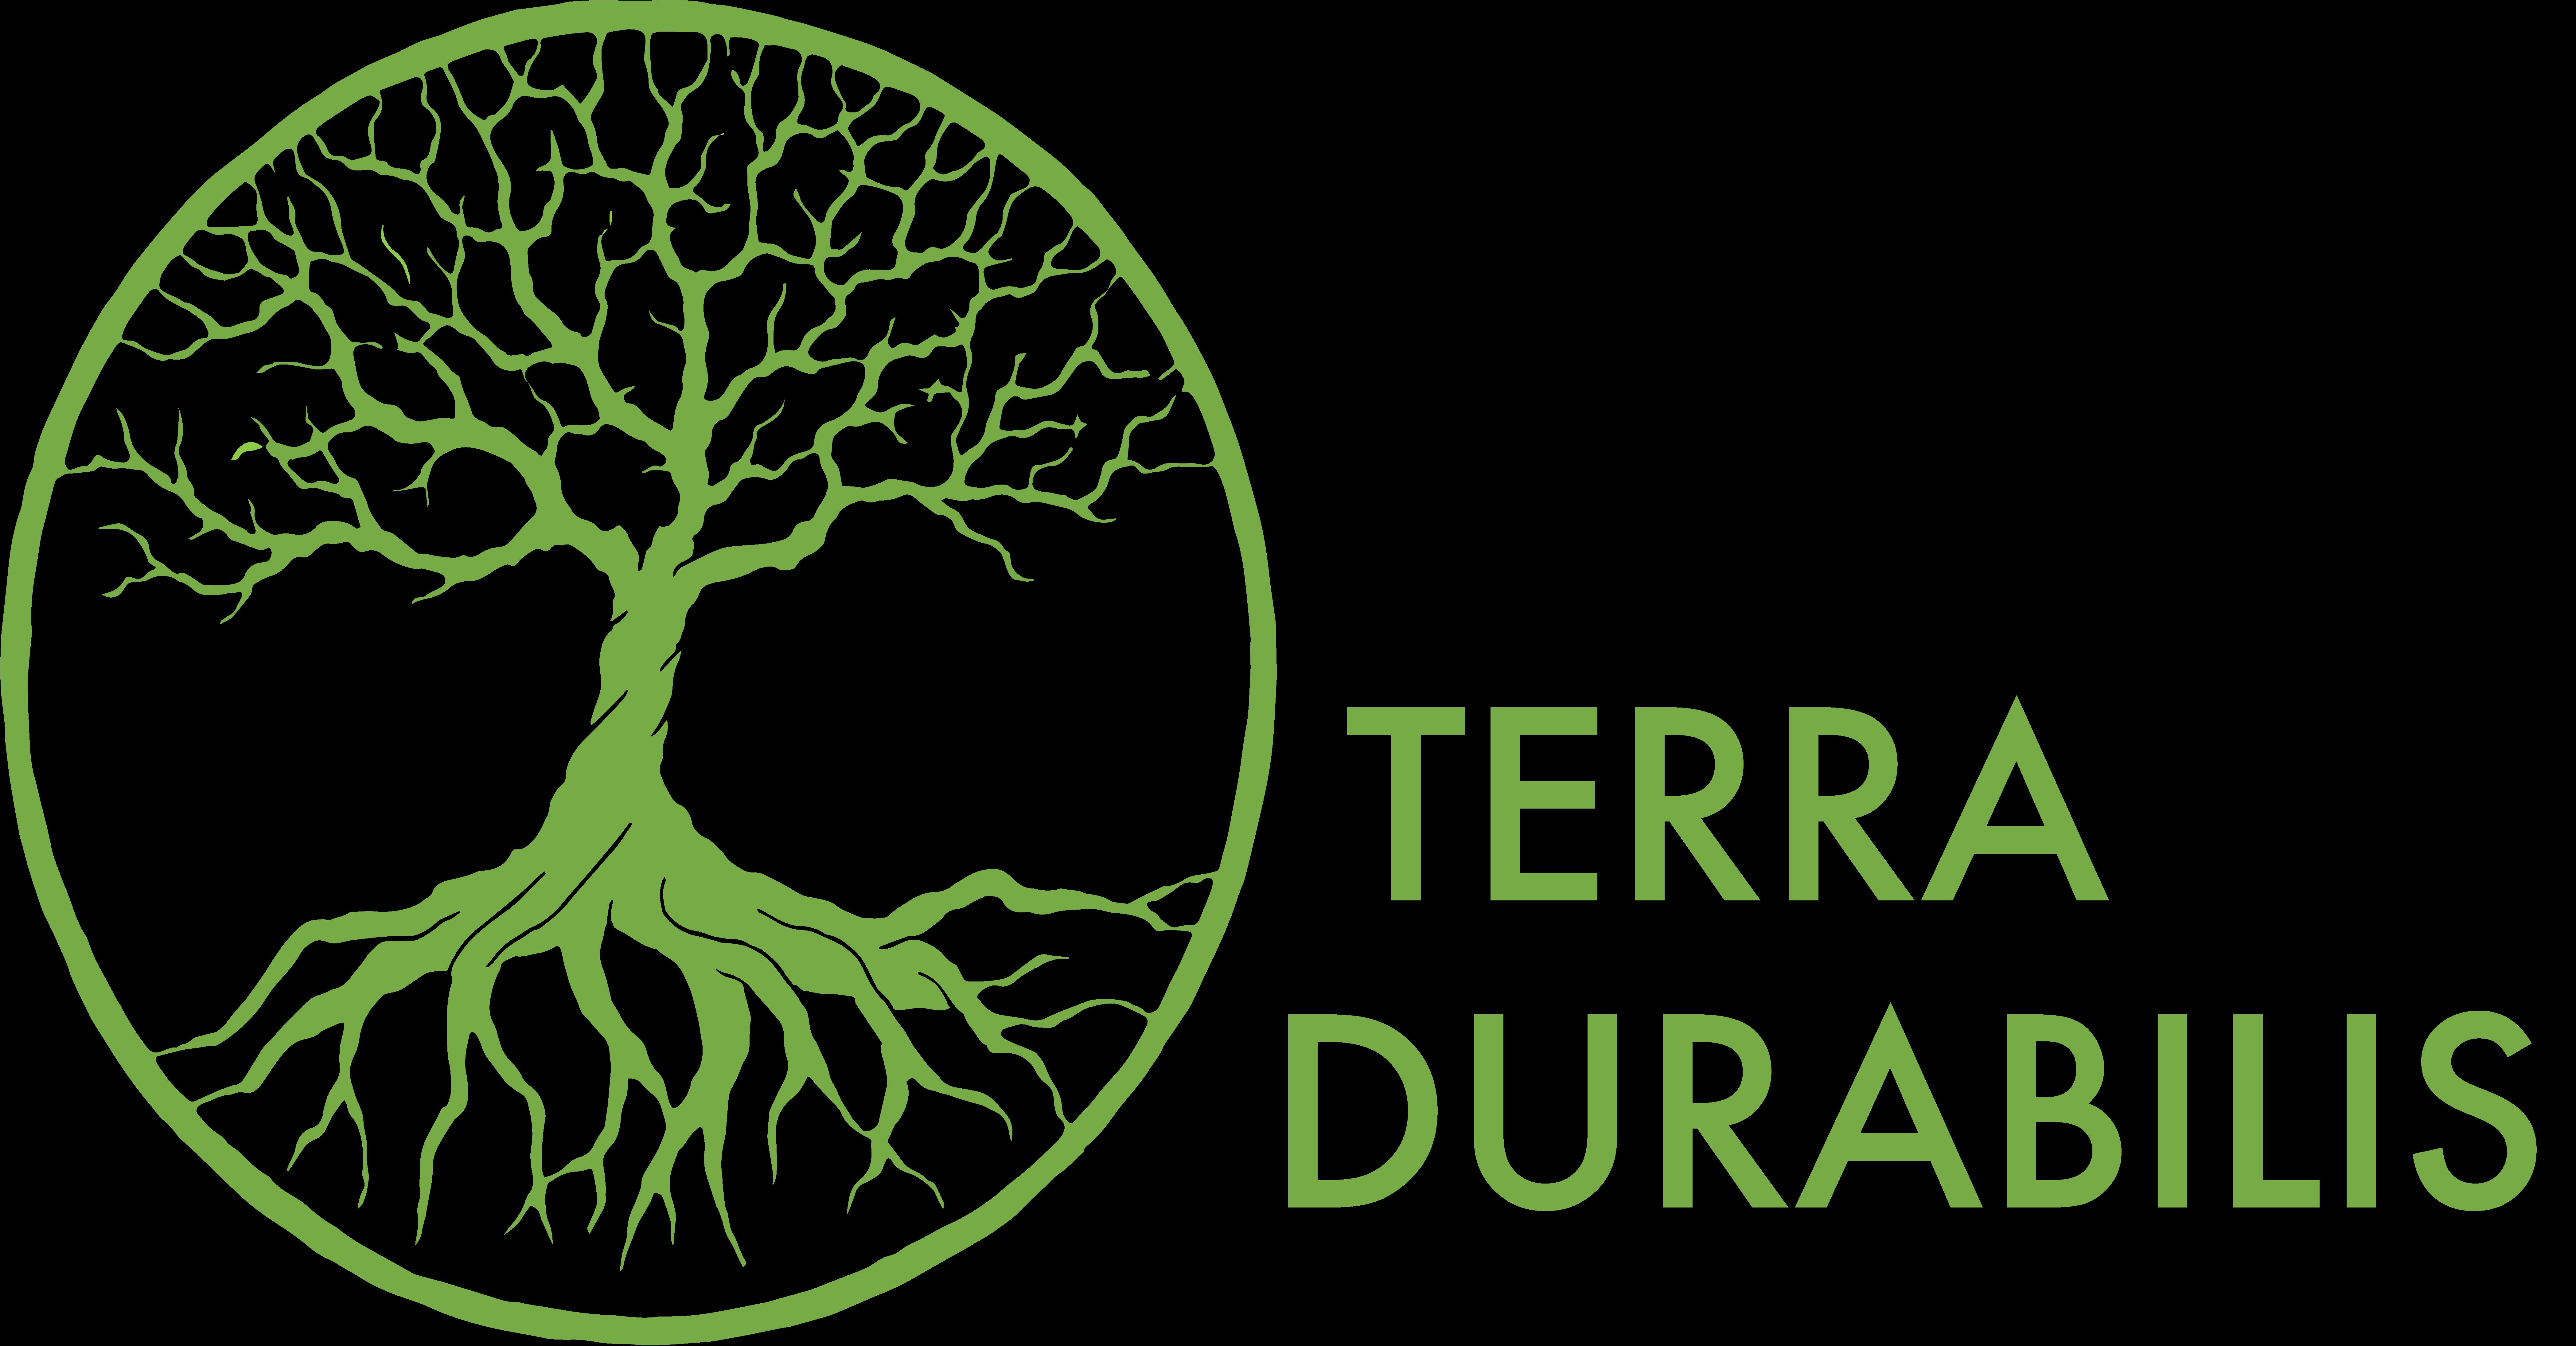 TERRA DURABILIS